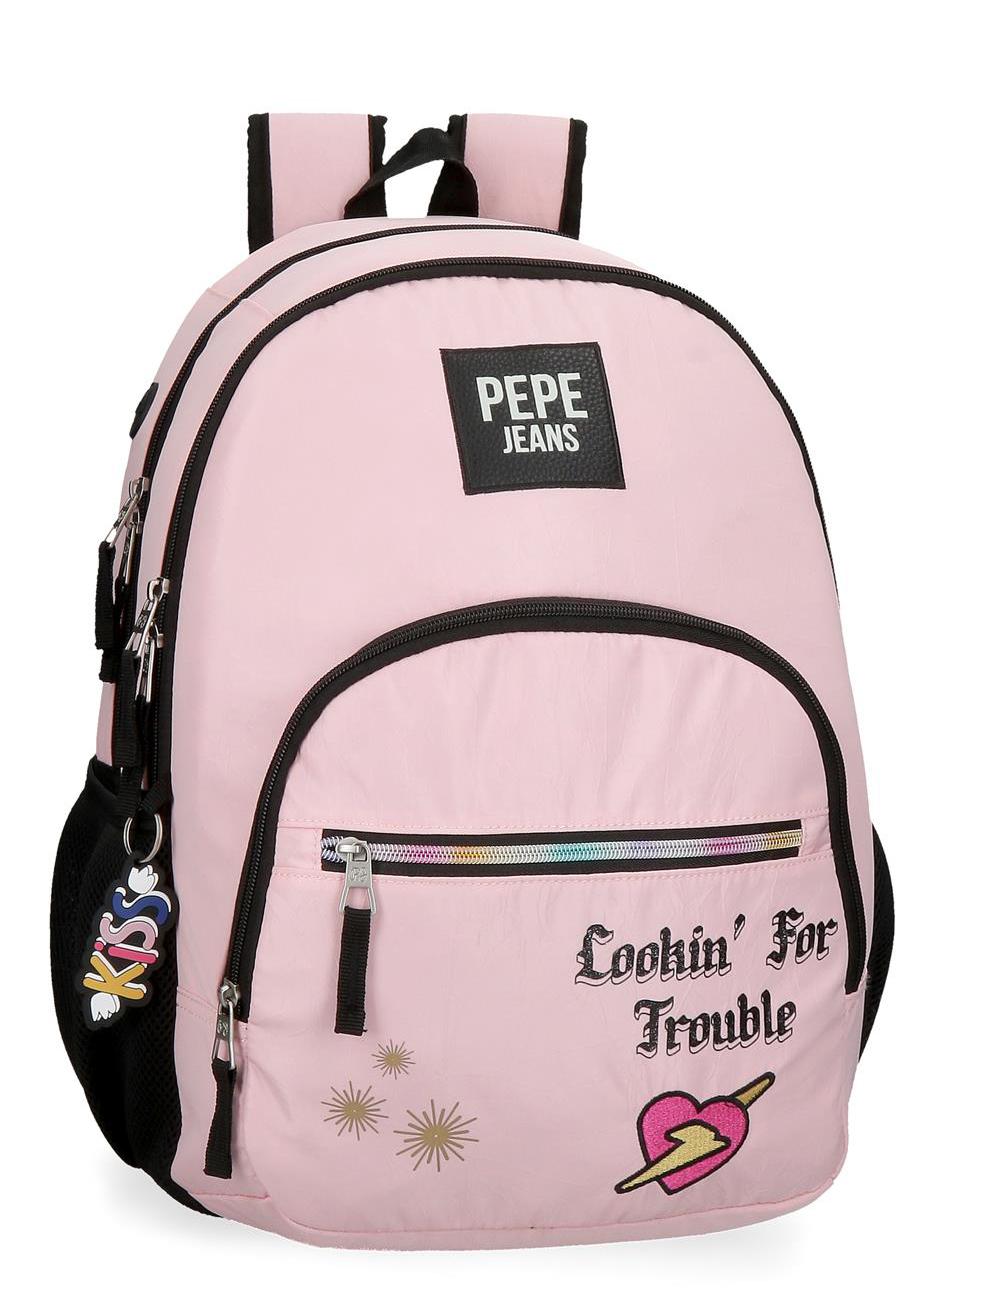 6242422 Mochila 44 cm Doble C. Pepe Jeans Forever Rosa